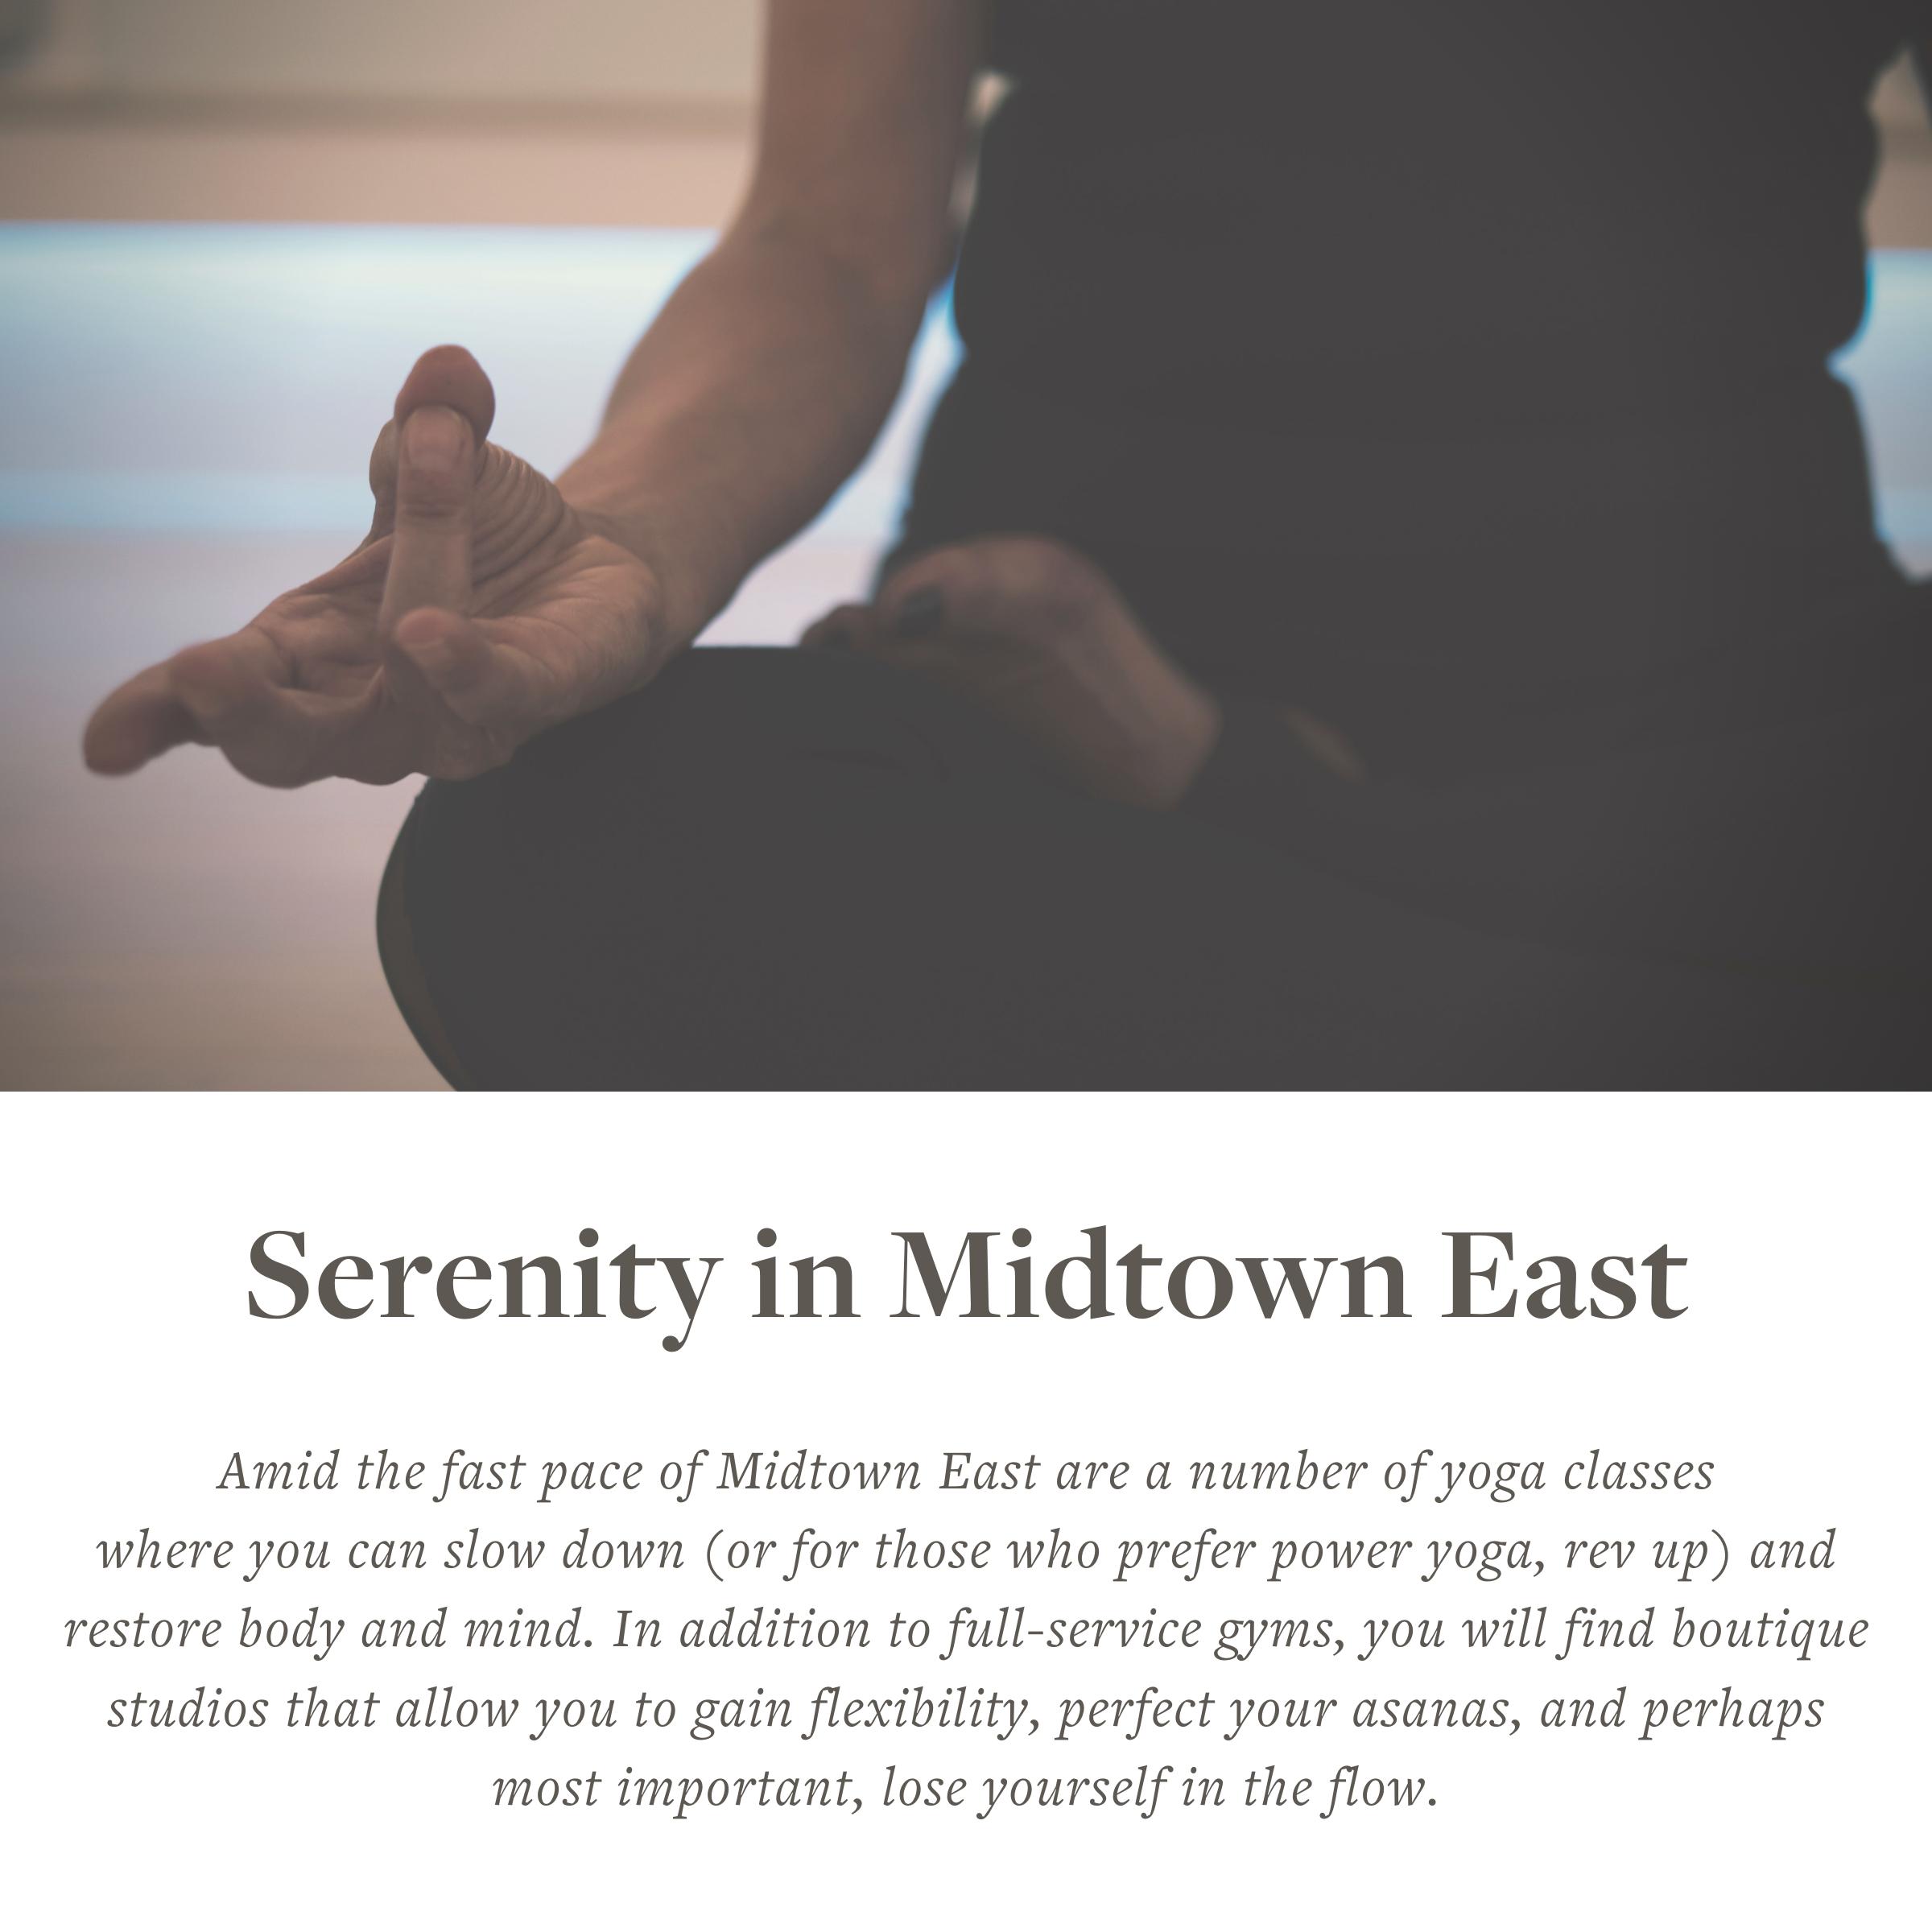 5_Serenity in Midtown East